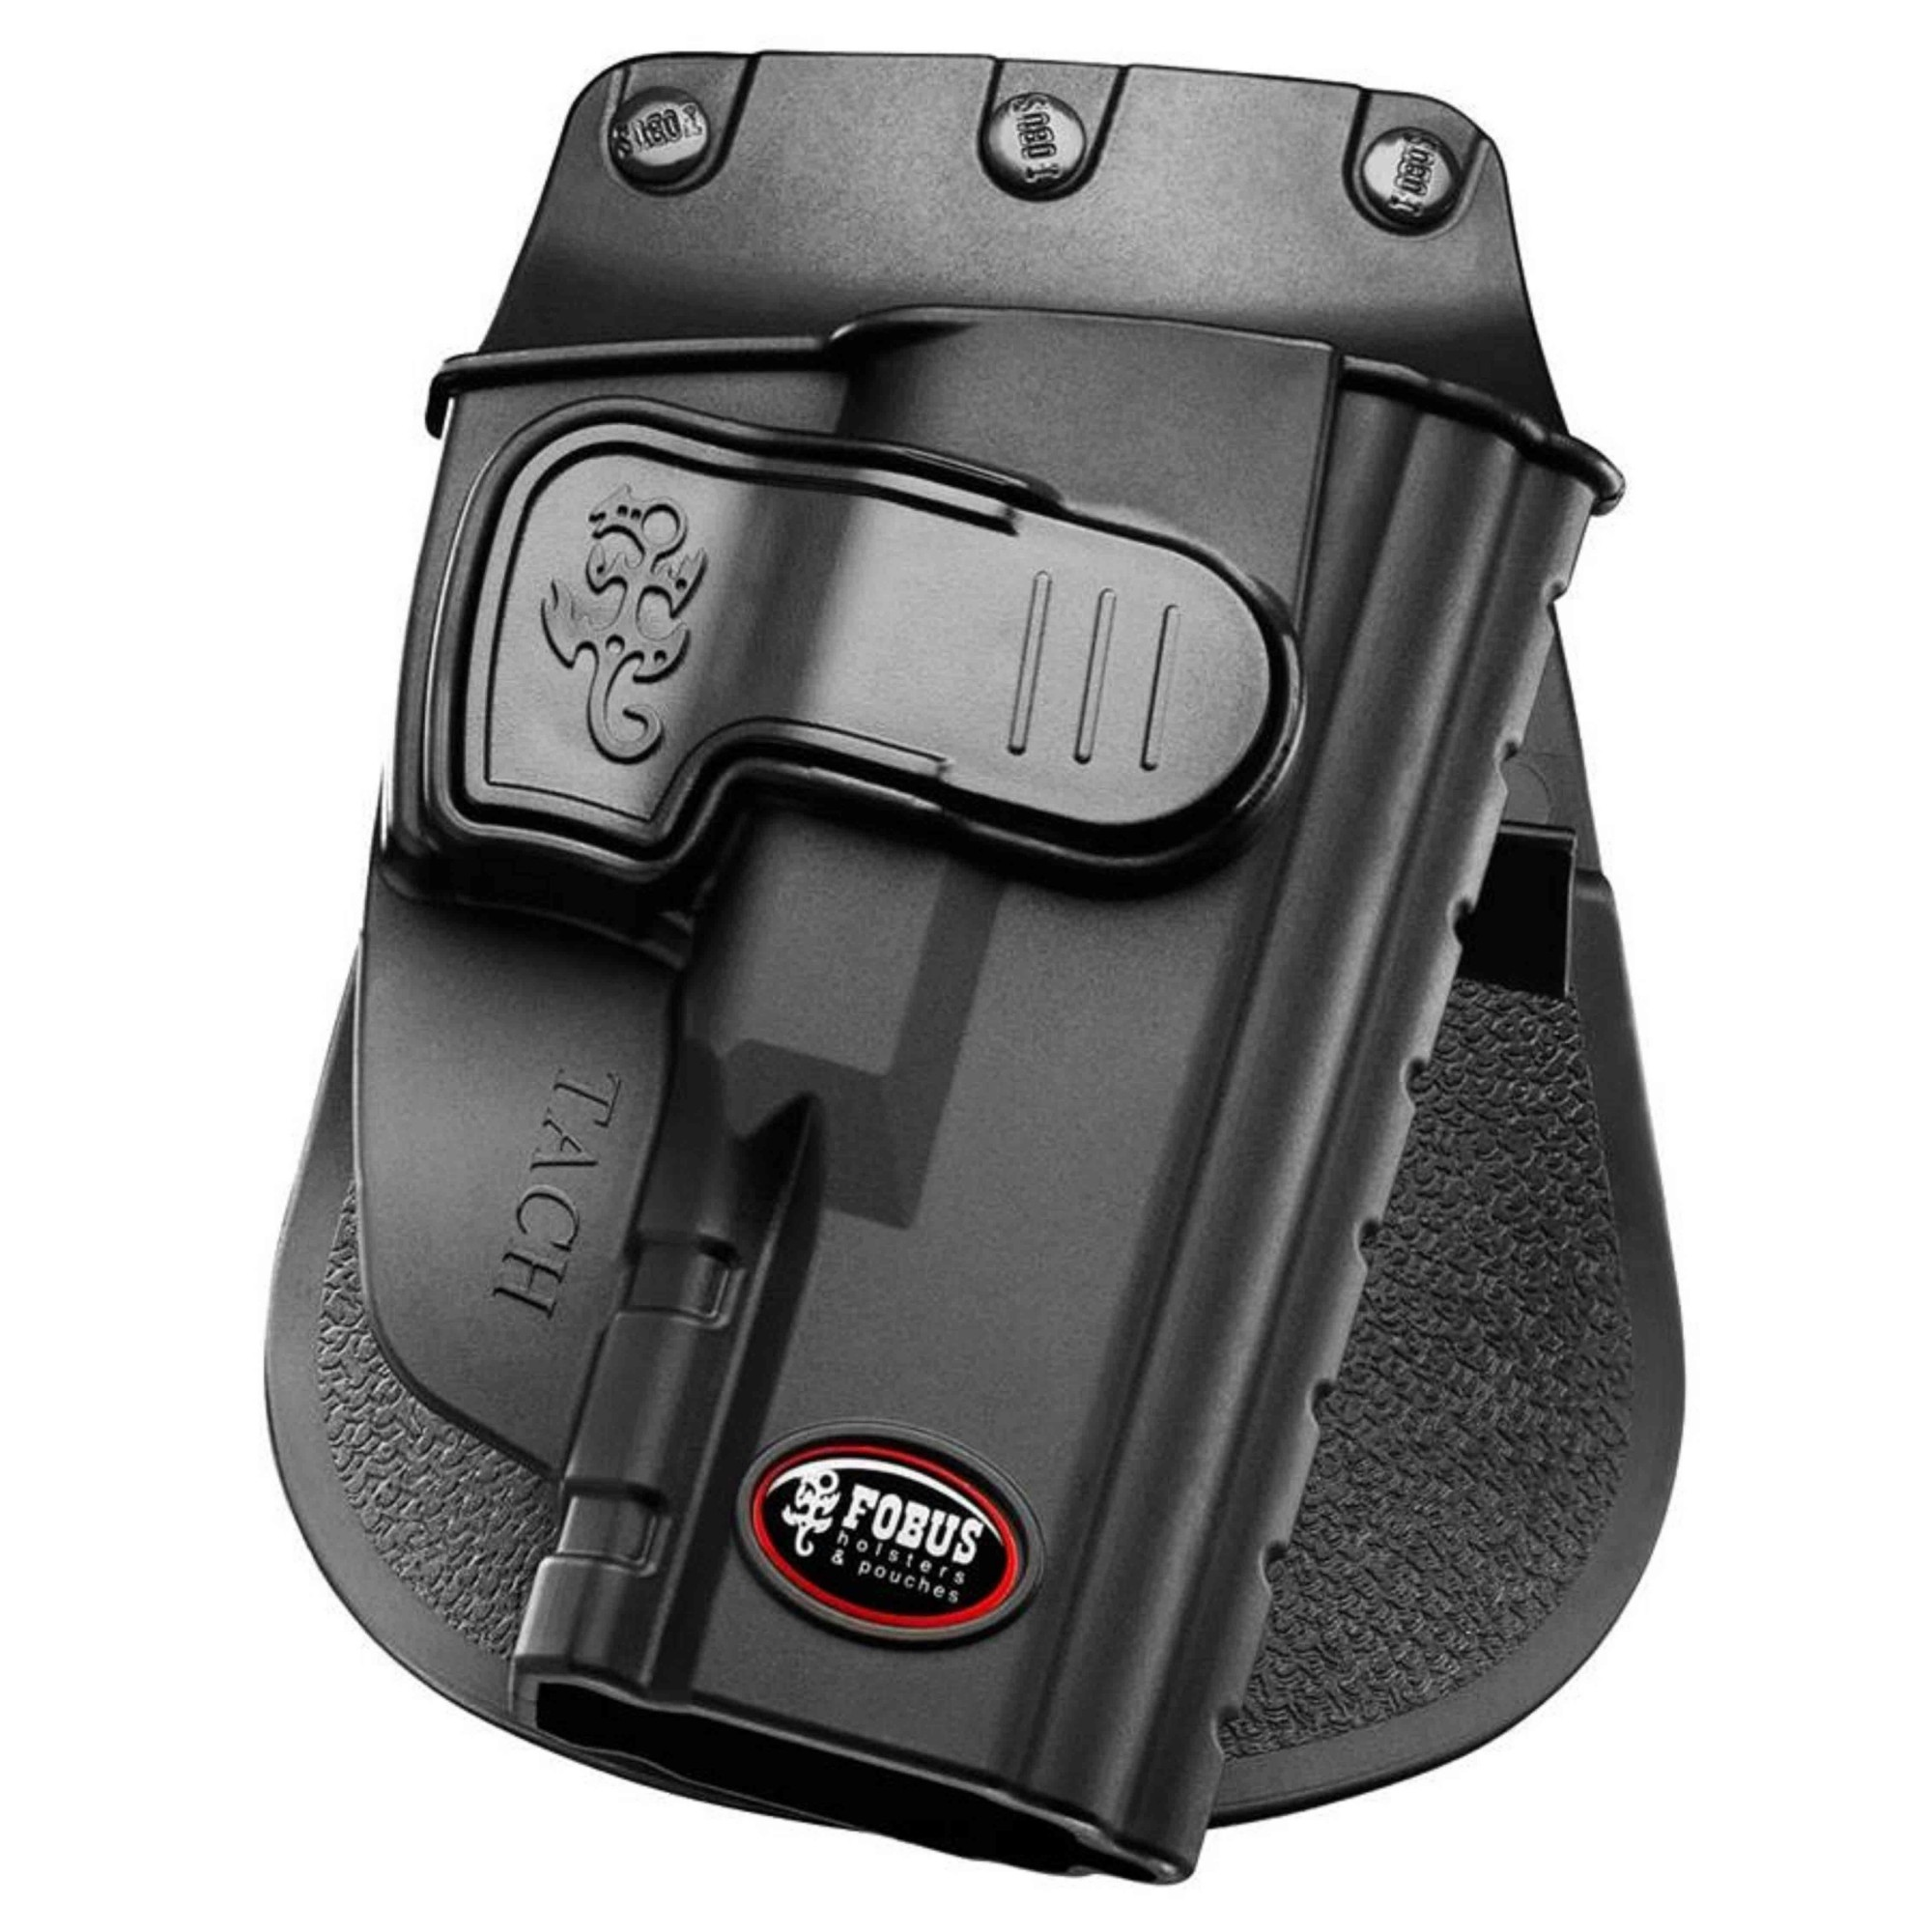 Coldre Fobus Tach Com Trava Para Pistola Taurus 24/7